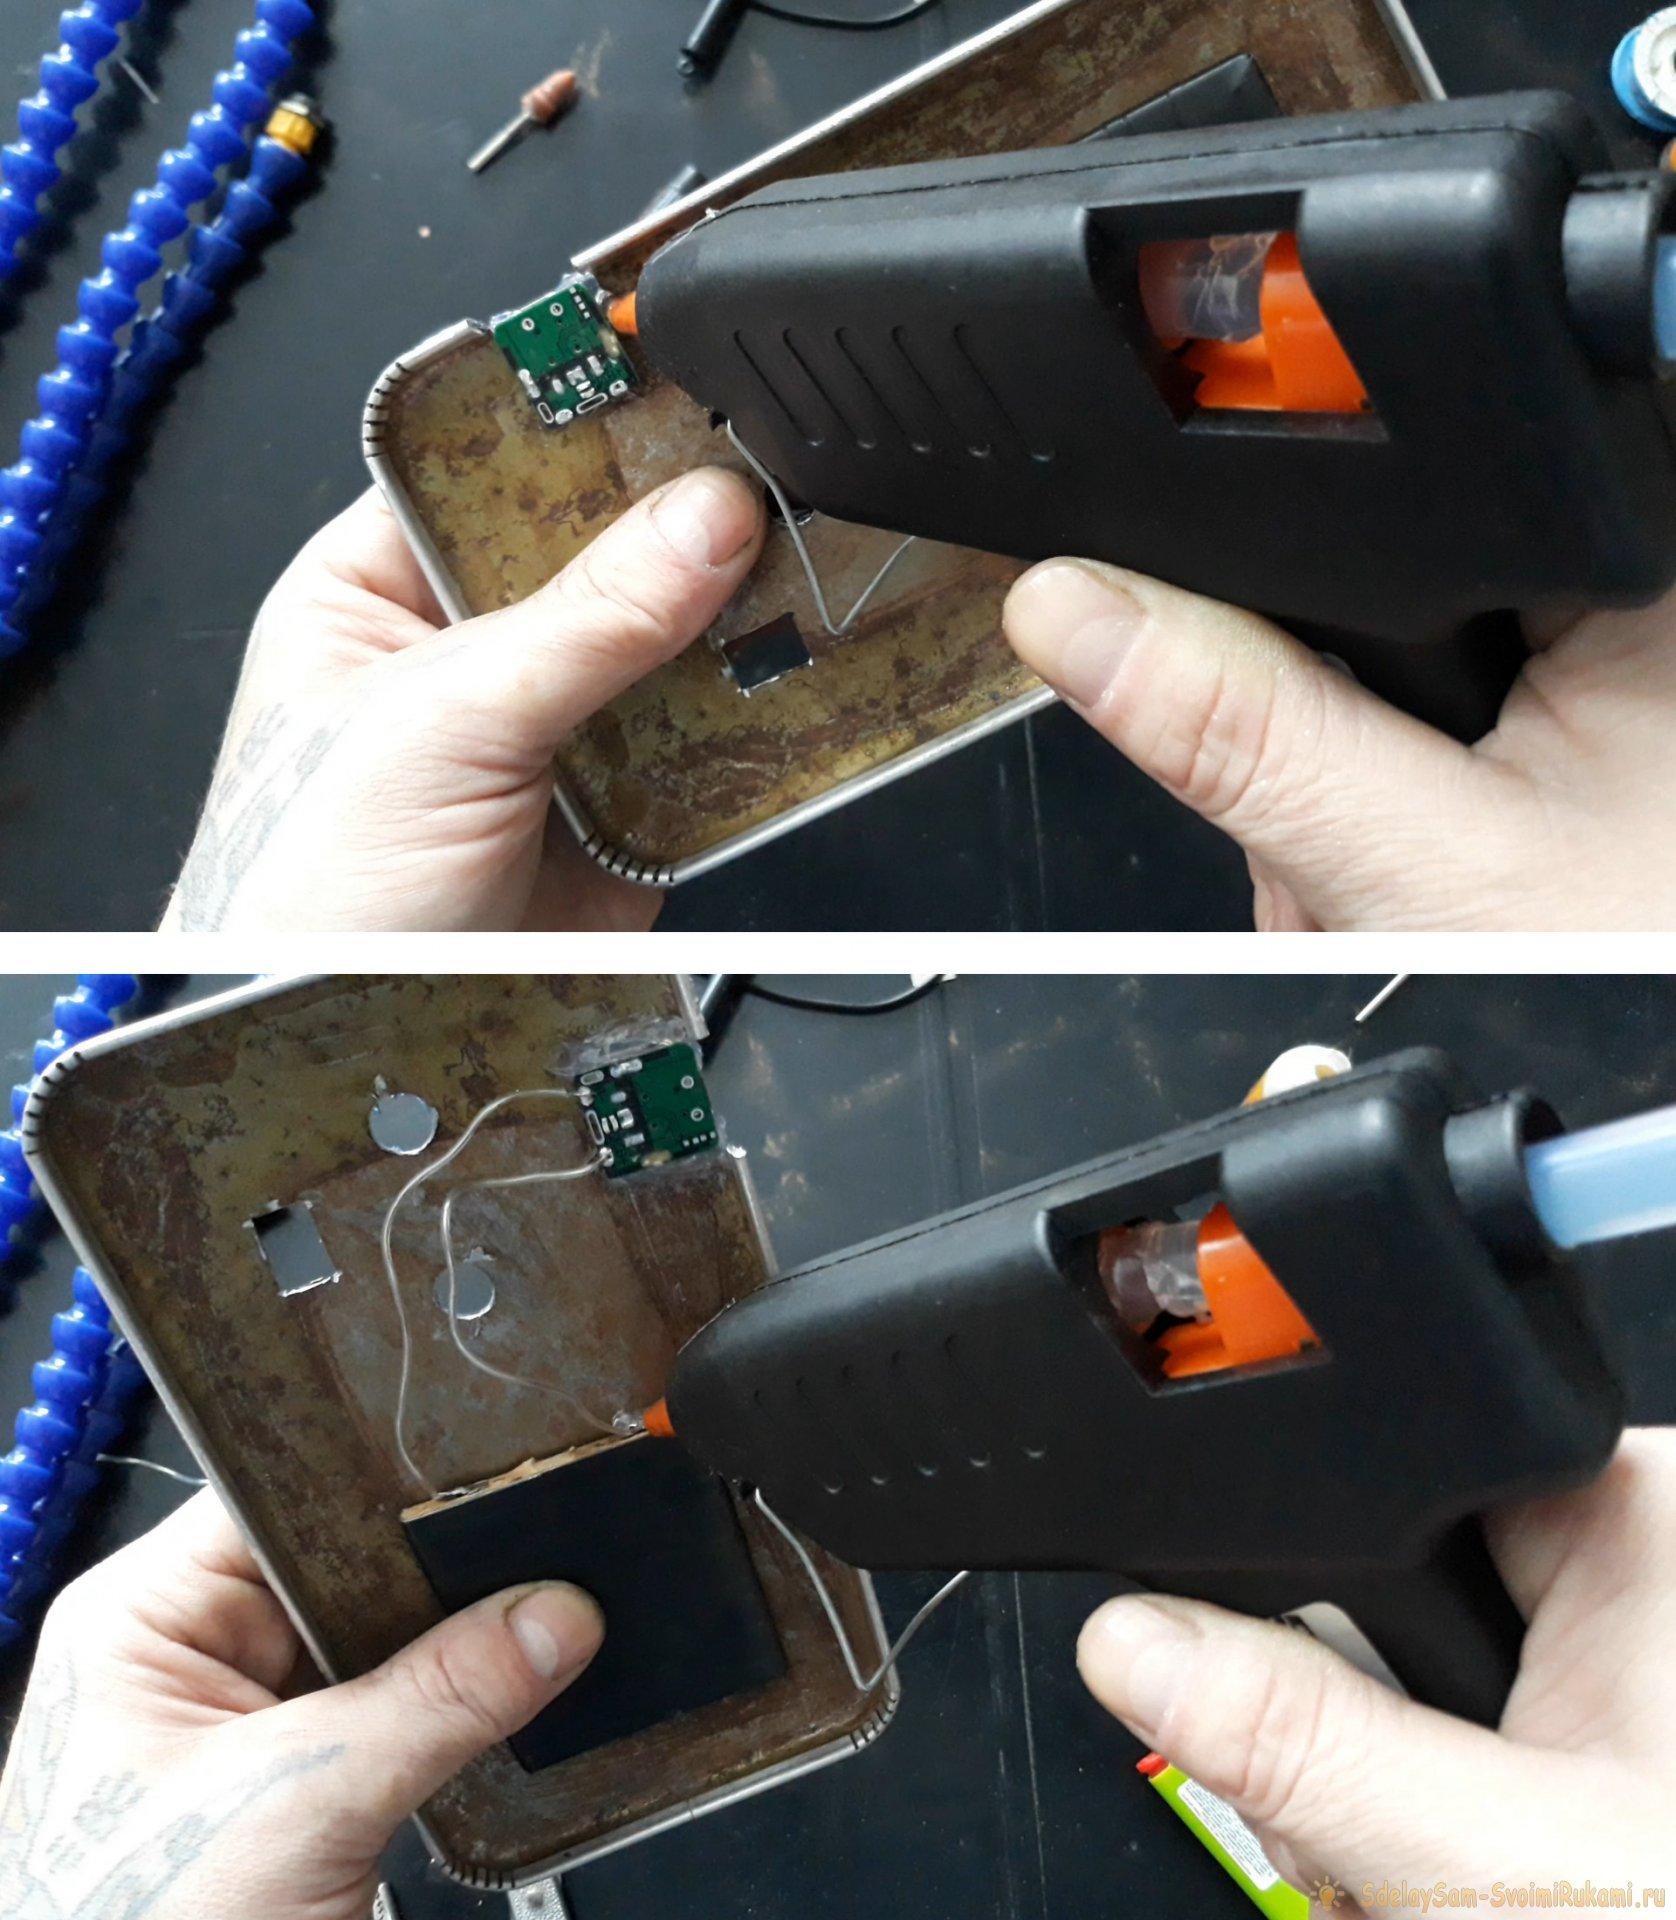 Как недорого собрать держатель третья рука с лупой, подсветкой и вентилятором